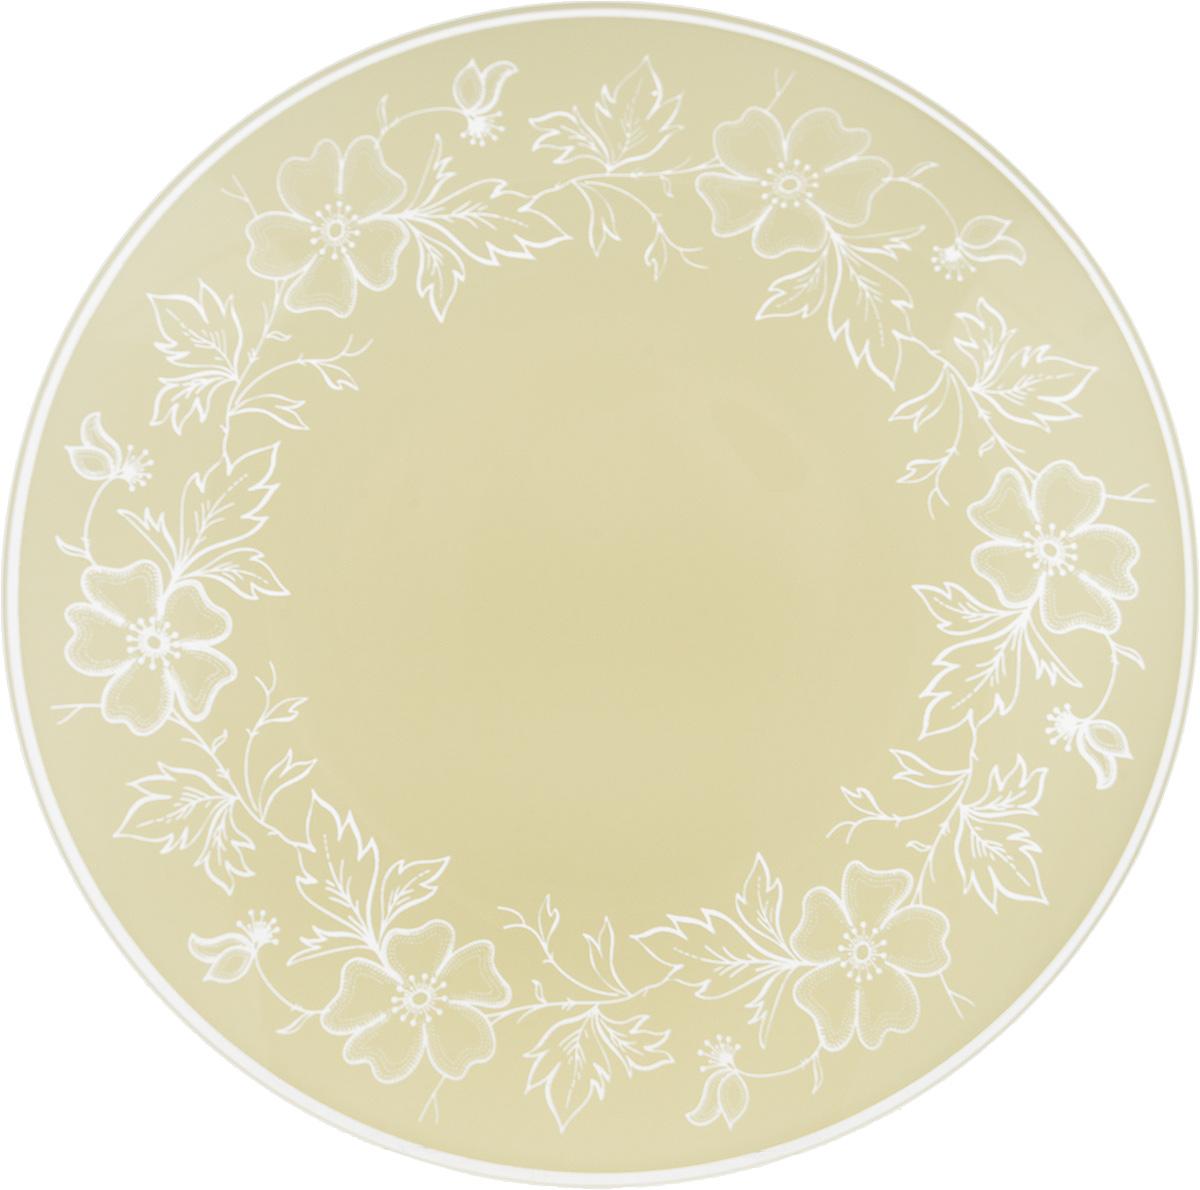 Тарелка NiNaGlass Лара, цвет: светло-бежевый, диаметр 20 см115510Тарелка NiNaGlass Лара выполнена из высококачественного стекла и оформлена красивым цветочным узором. Тарелка идеальна для подачи вторых блюд, а также сервировки закусок, нарезок, салатов, овощей и фруктов. Она отлично подойдет как для повседневных, так и для торжественных случаев.Такая тарелка прекрасно впишется в интерьер вашей кухни и станет достойным дополнением к кухонному инвентарю.